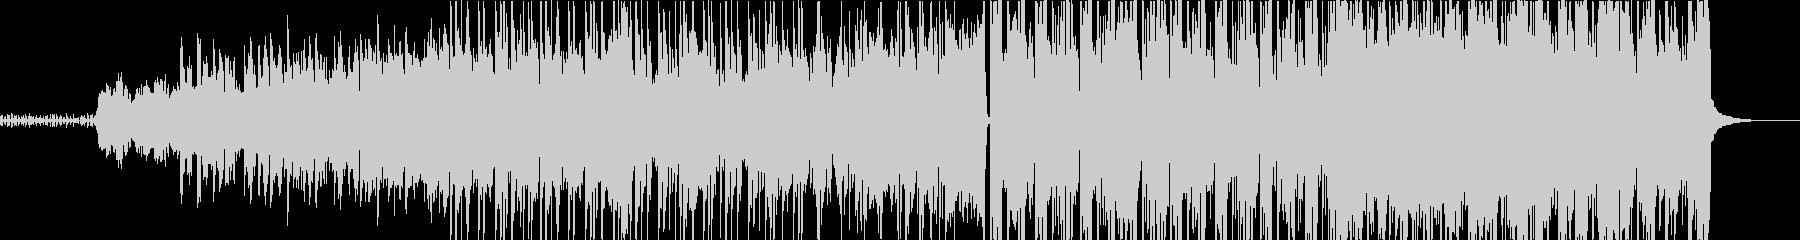 自然が合うサックス チル・ヒップホップの未再生の波形